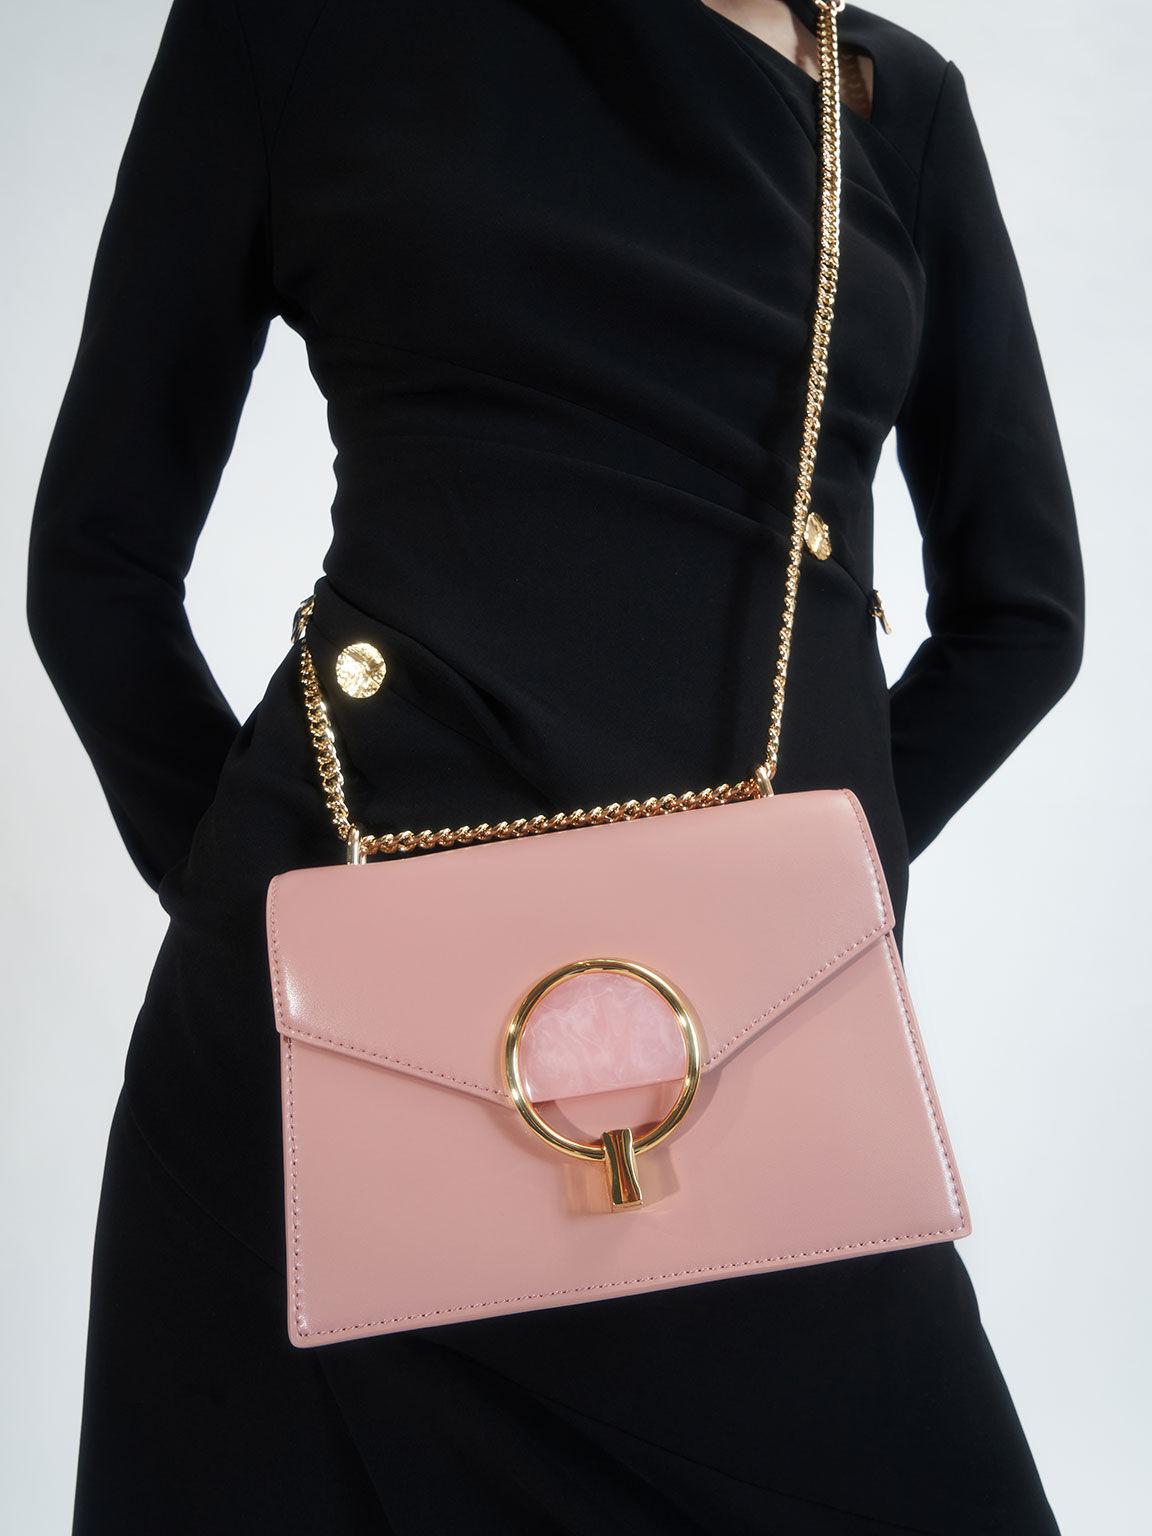 Stone-Embellished Shoulder Bag, Pink, hi-res